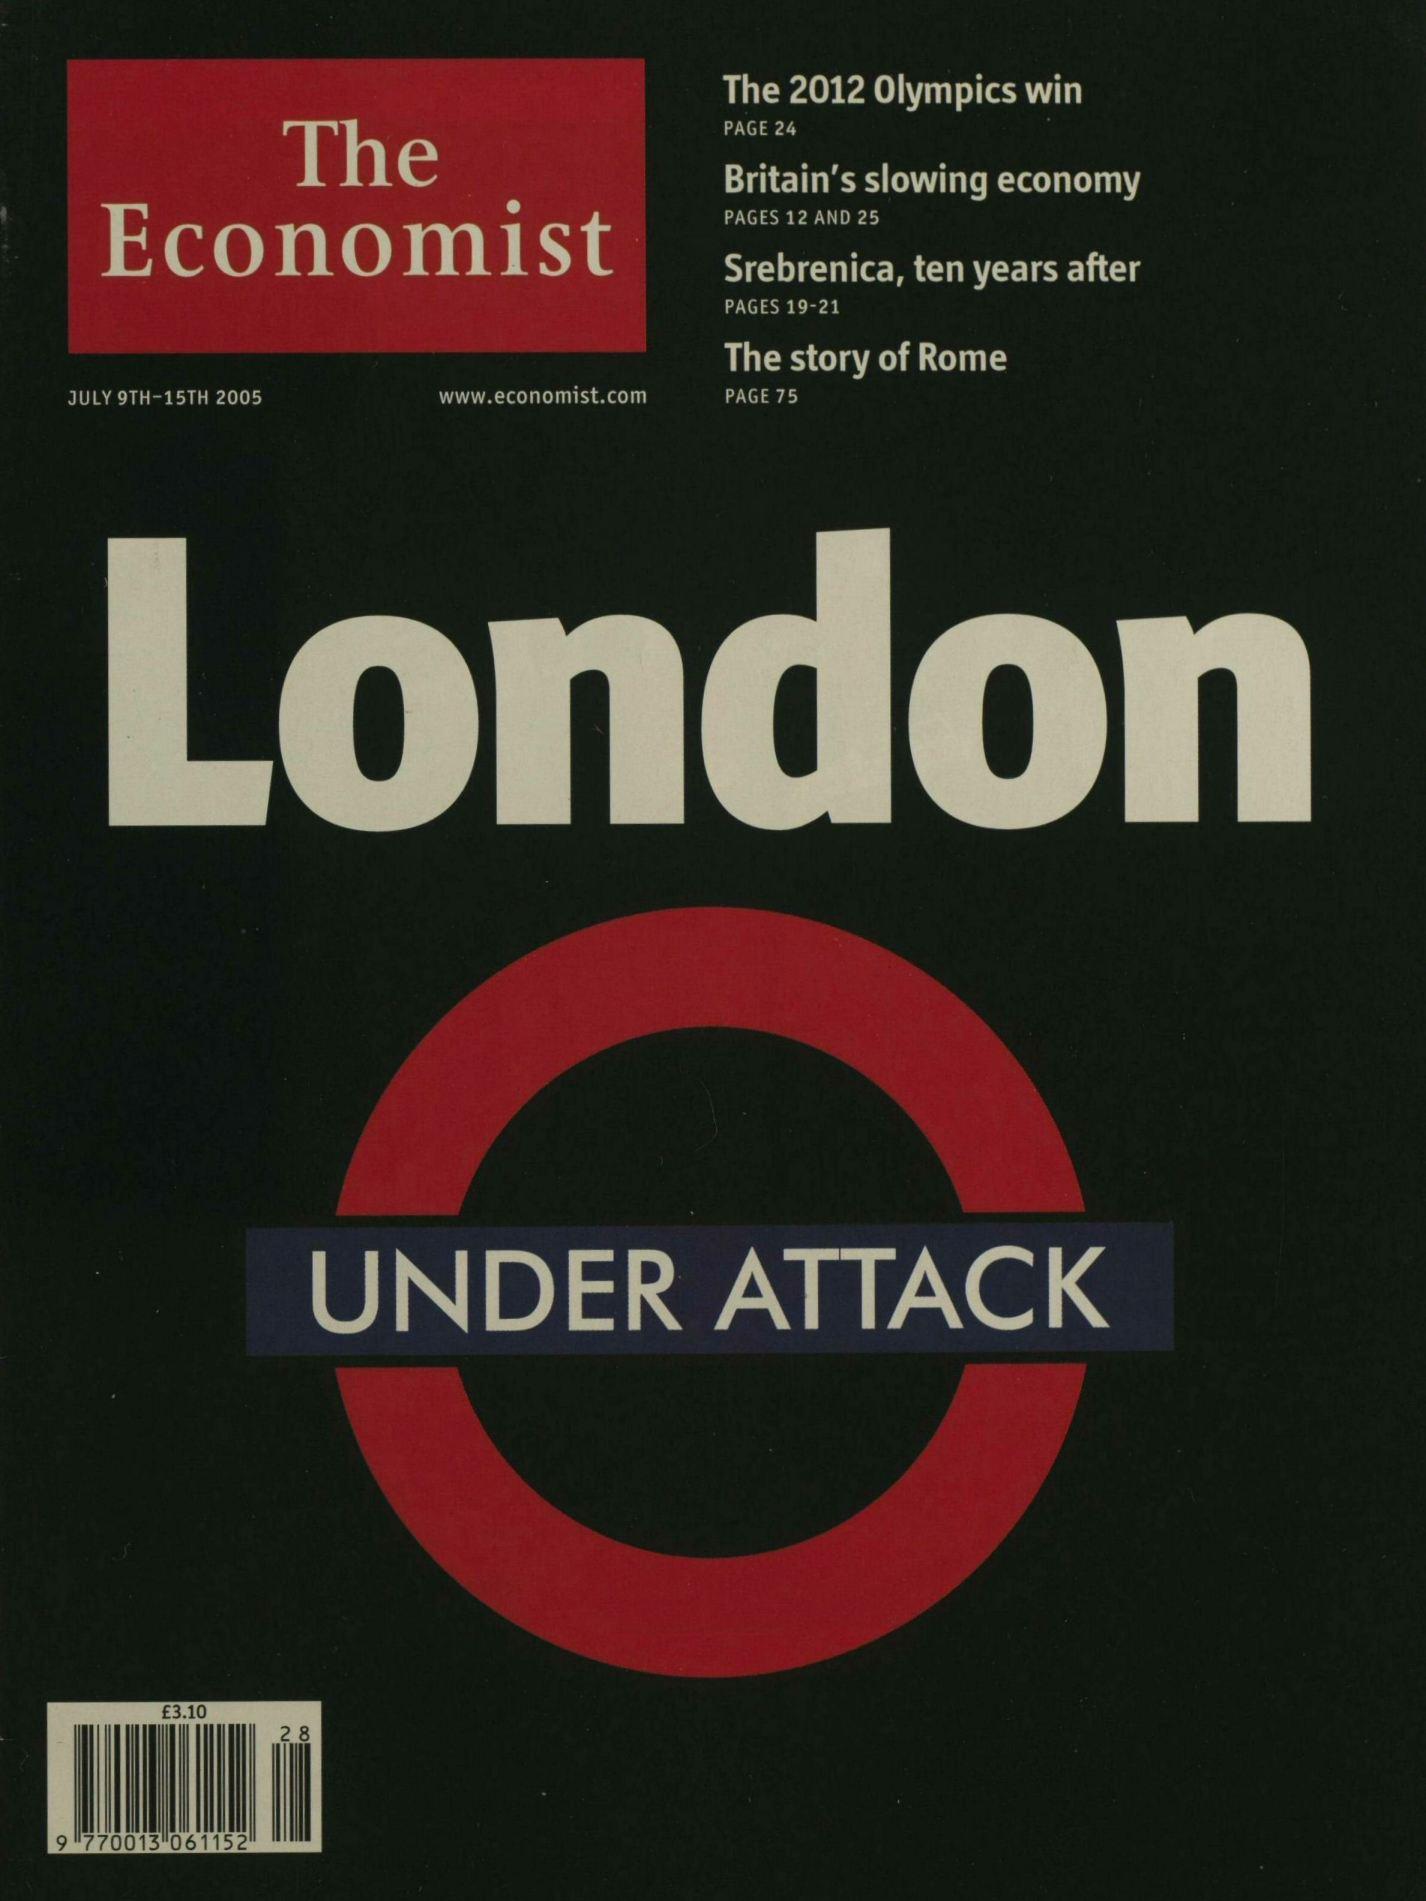 2005年的今天,伦敦地铁和公共汽车连续发生7起自杀爆炸事件,导致包括4名自杀袭击者在内的52人死亡、超过700人受伤。-书迷号 shumihao.com